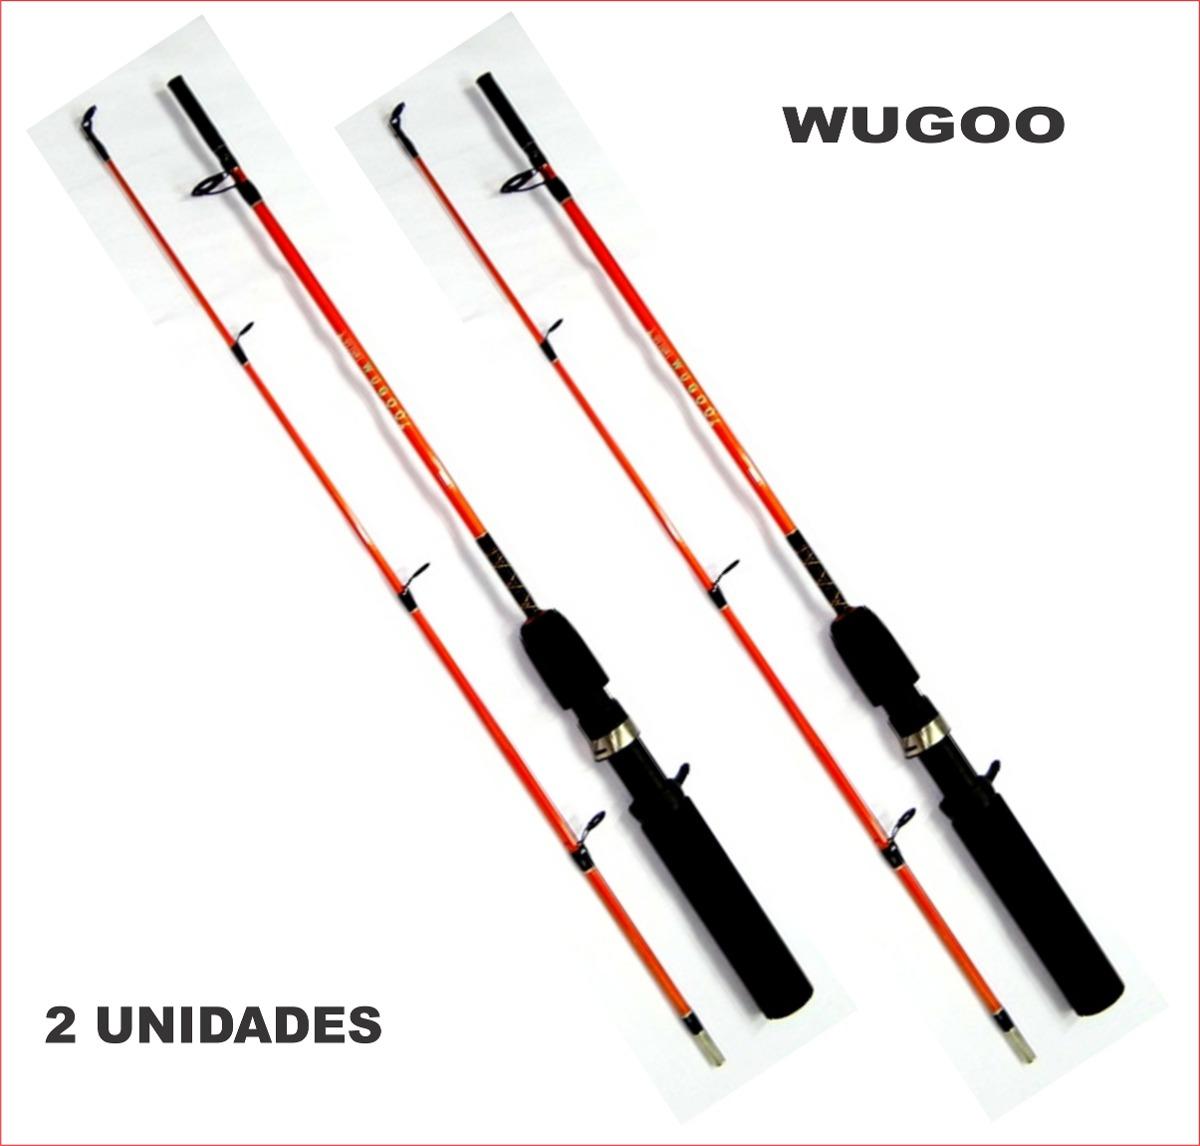 ff609e08e 02 Varas Pesca Ottoni Wugoo Carretilha 10 Kg 1